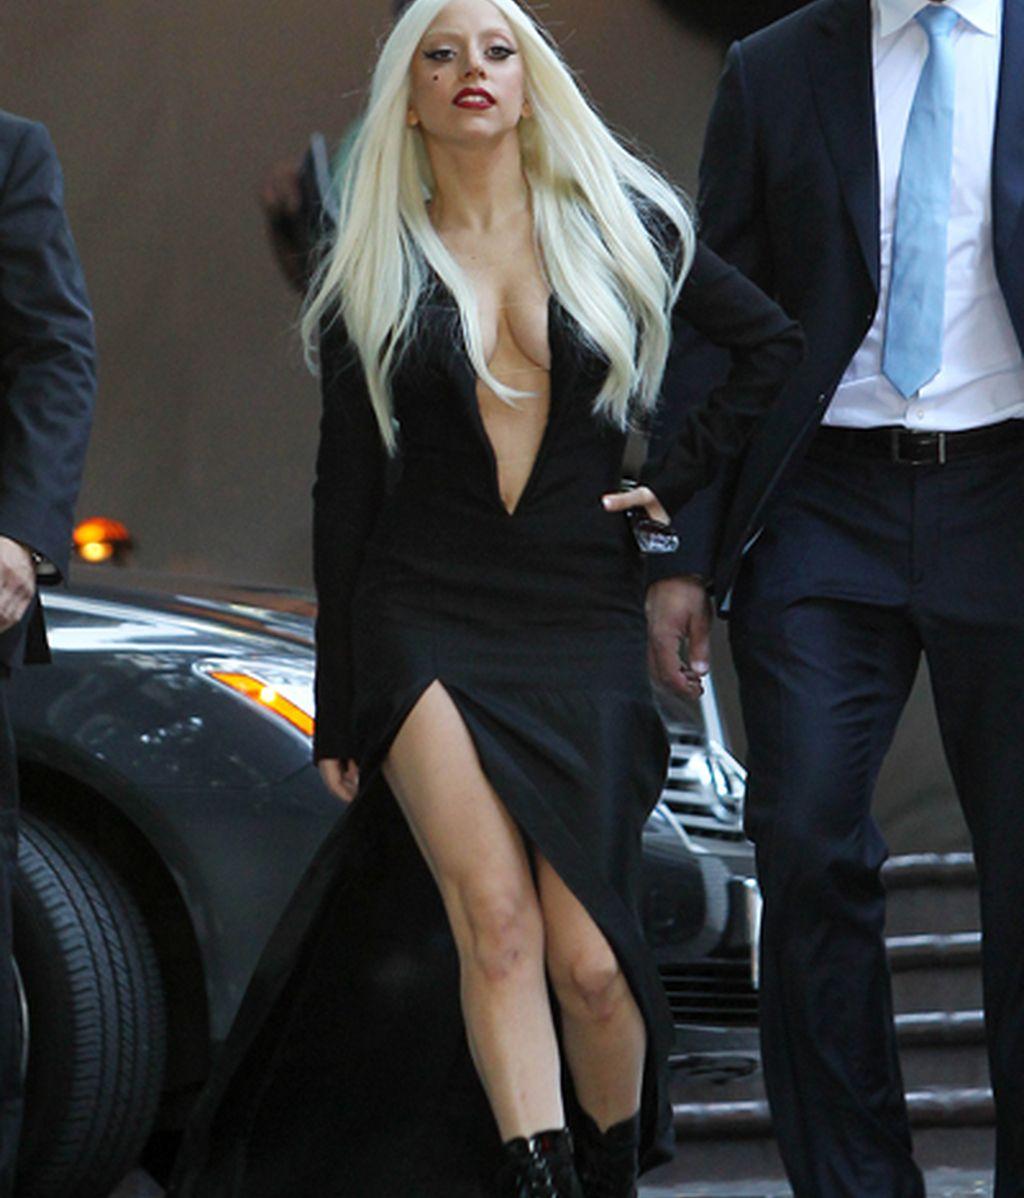 La cantante Lady Gaga, gancho de estafa en Facebook